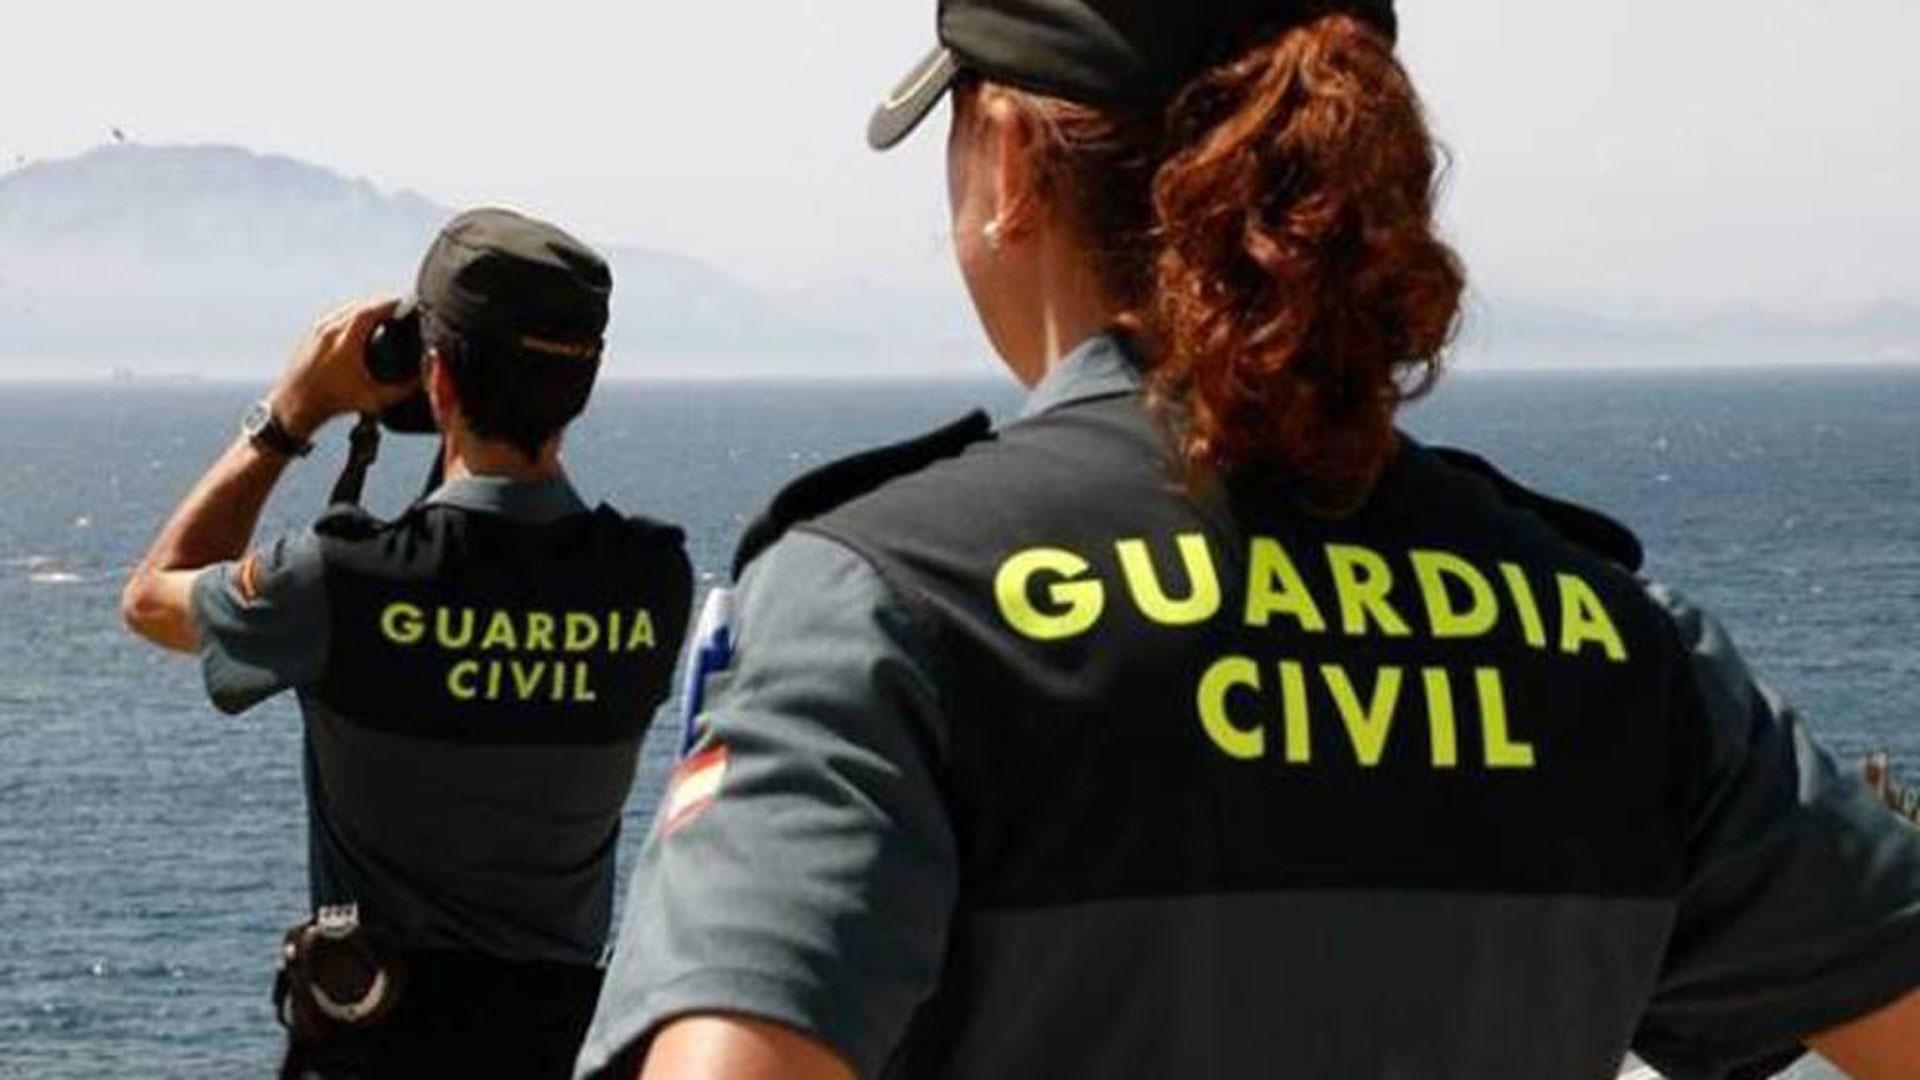 http://gruposieburgos.es/